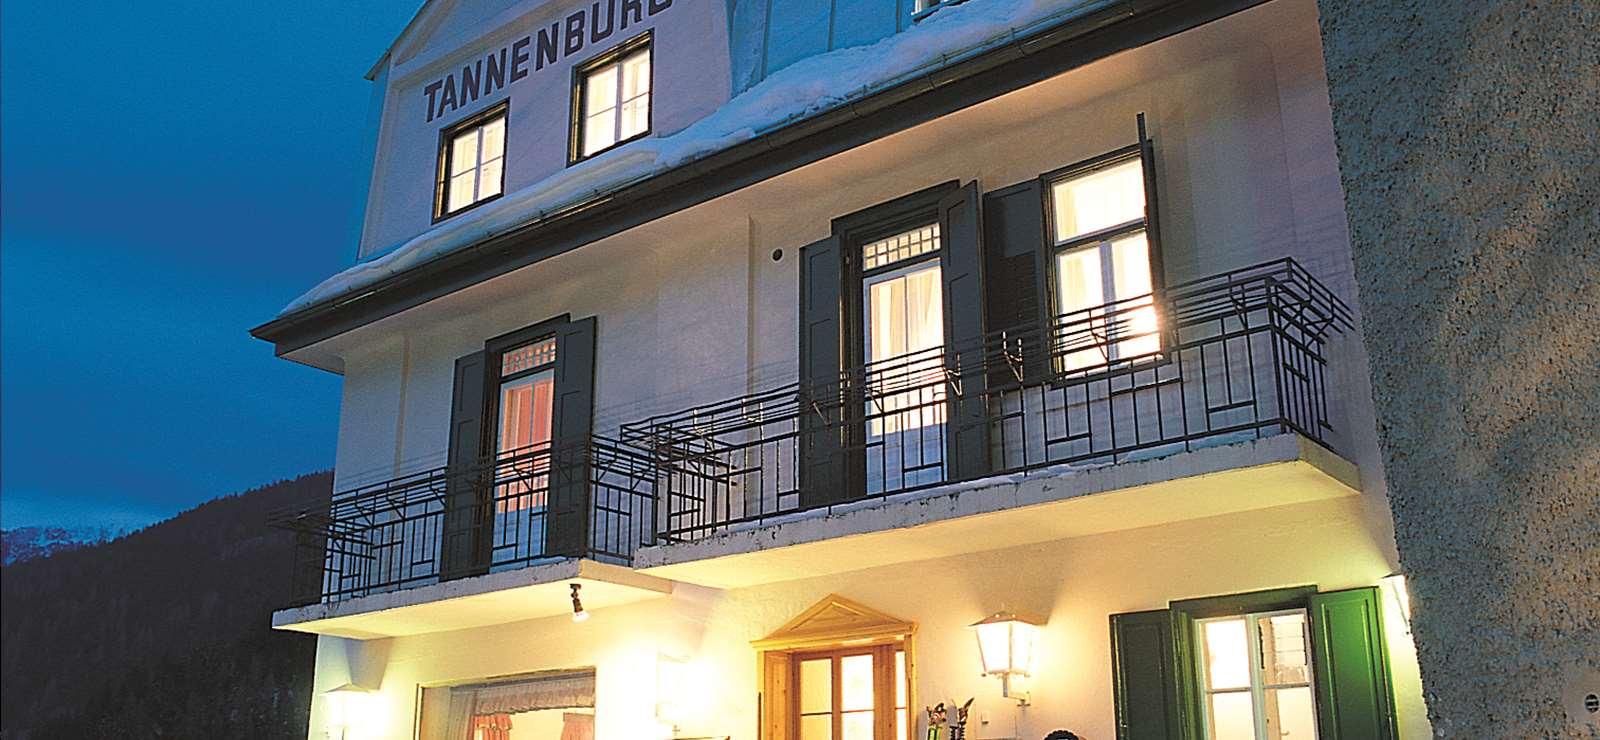 Chalet-Hotel Tannenburg in Bad Gastien